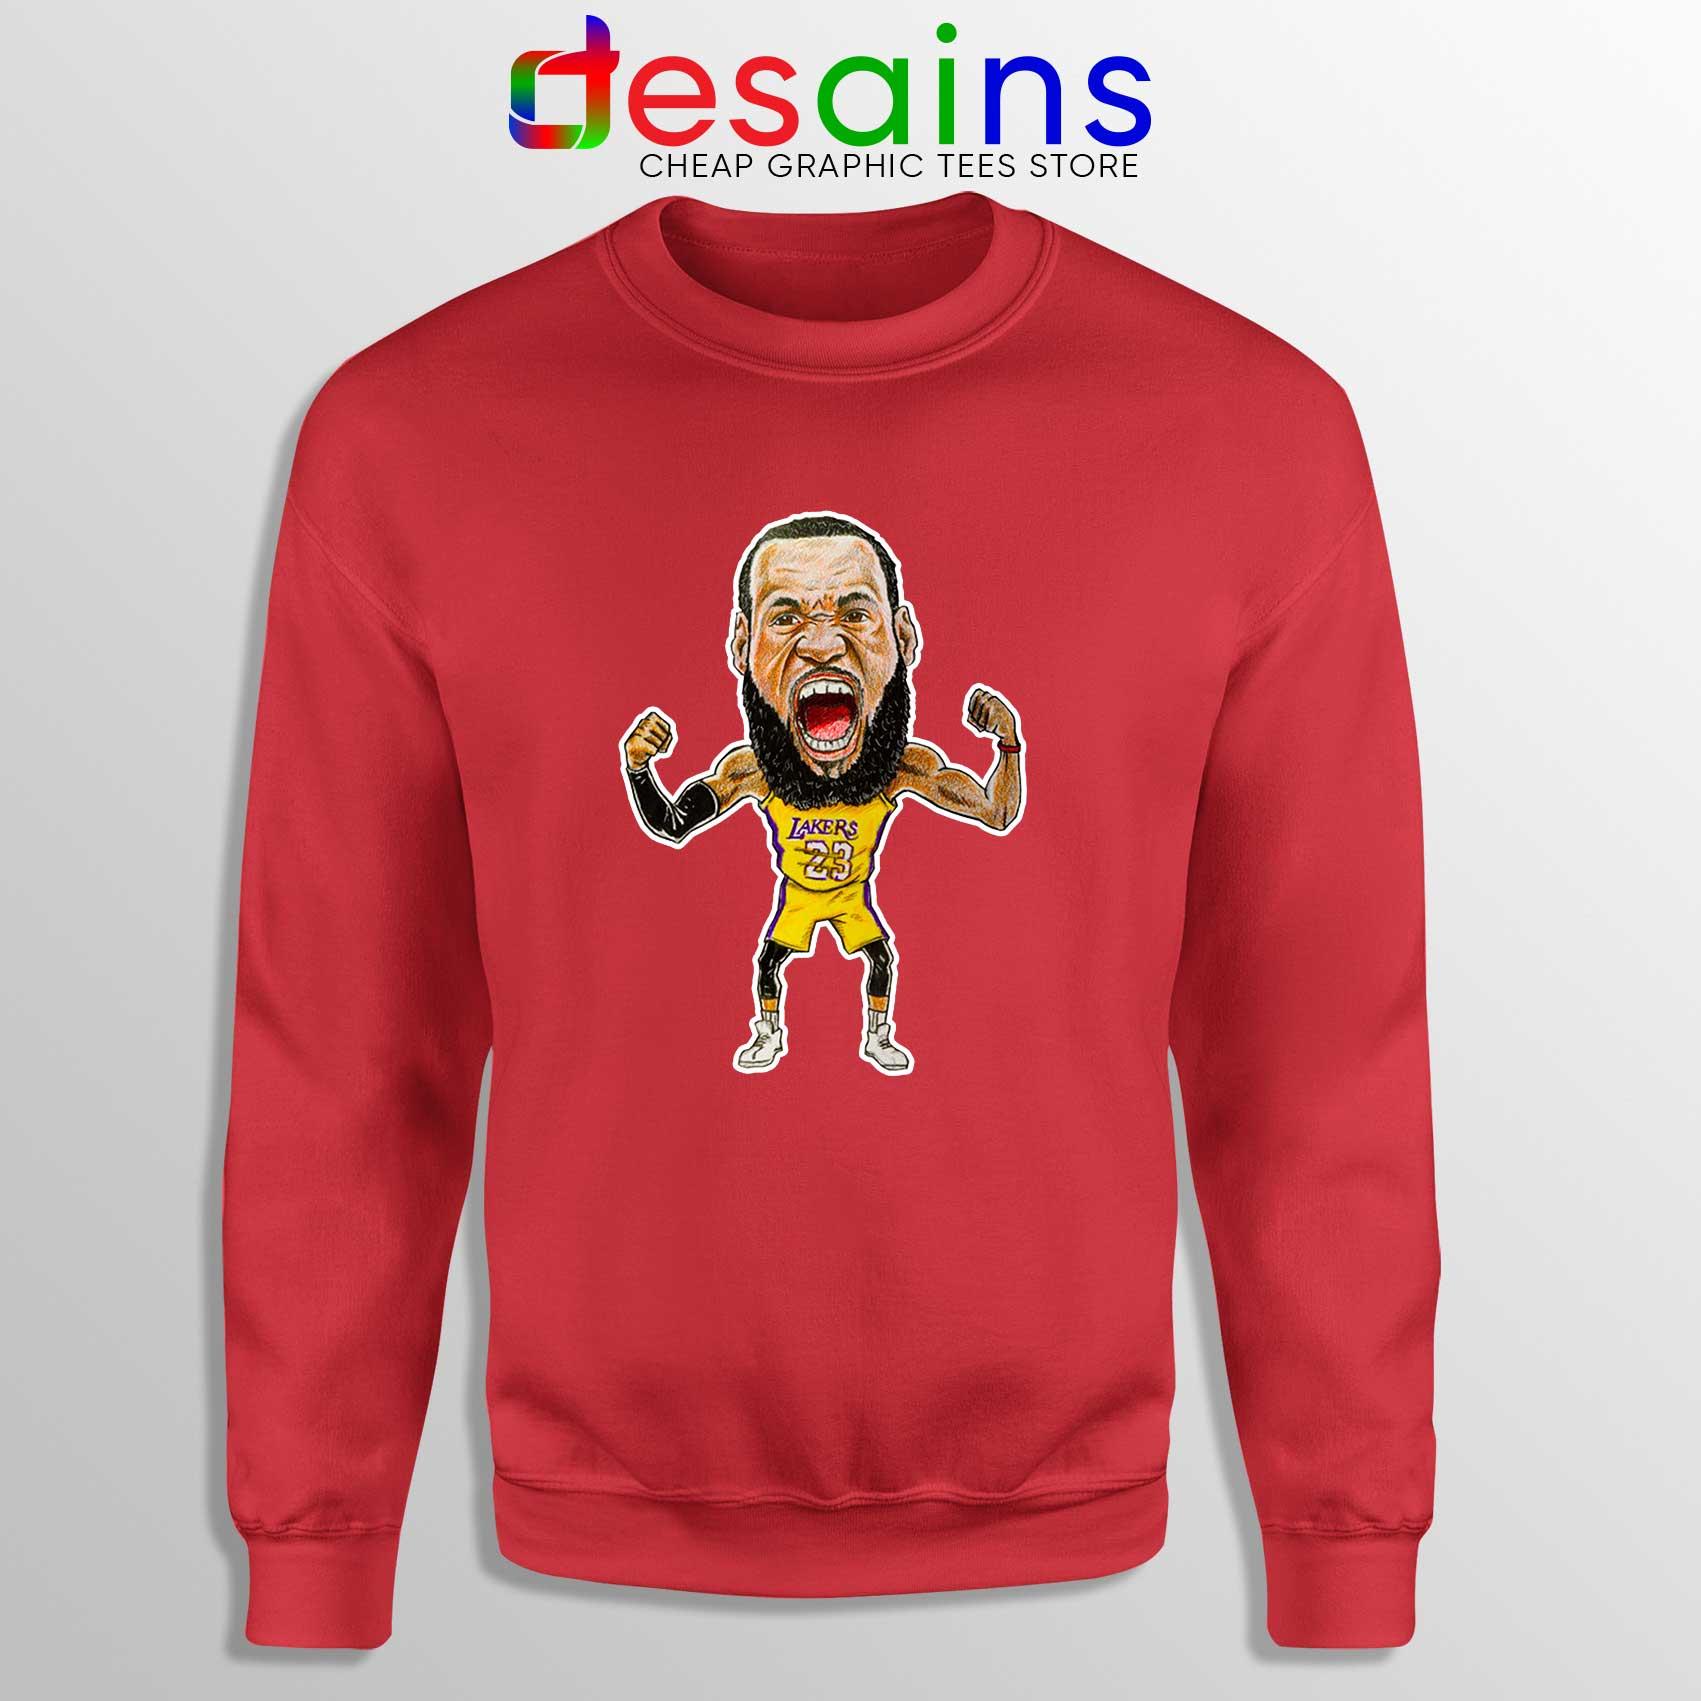 timeless design 7223d d925e Best Lakers James Sweatshirt LeBron James Crewneck Size S-3XL